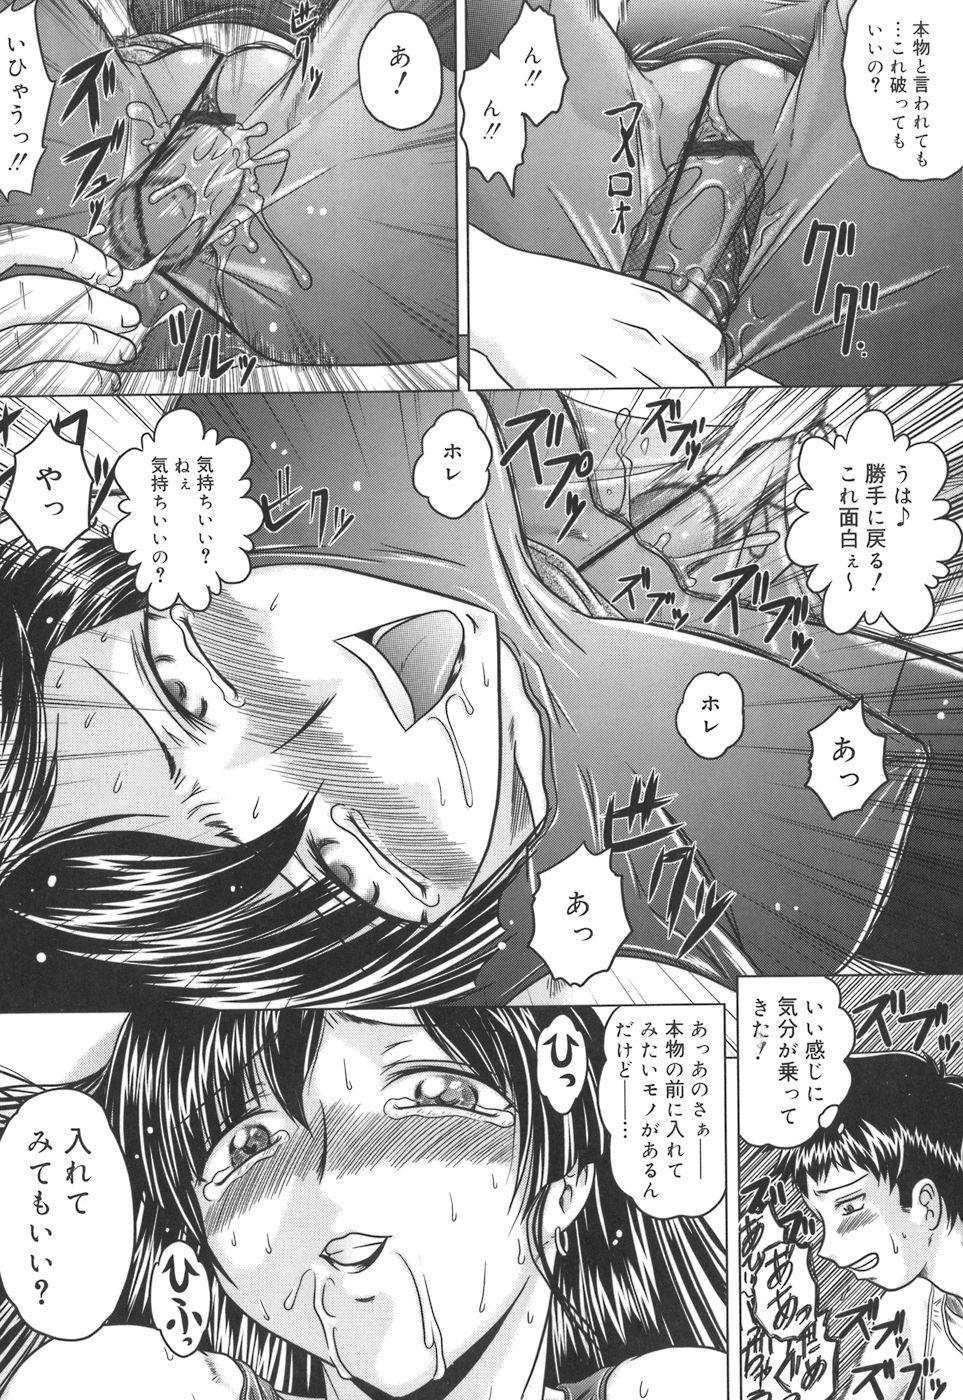 Iroka no Himitsu 167